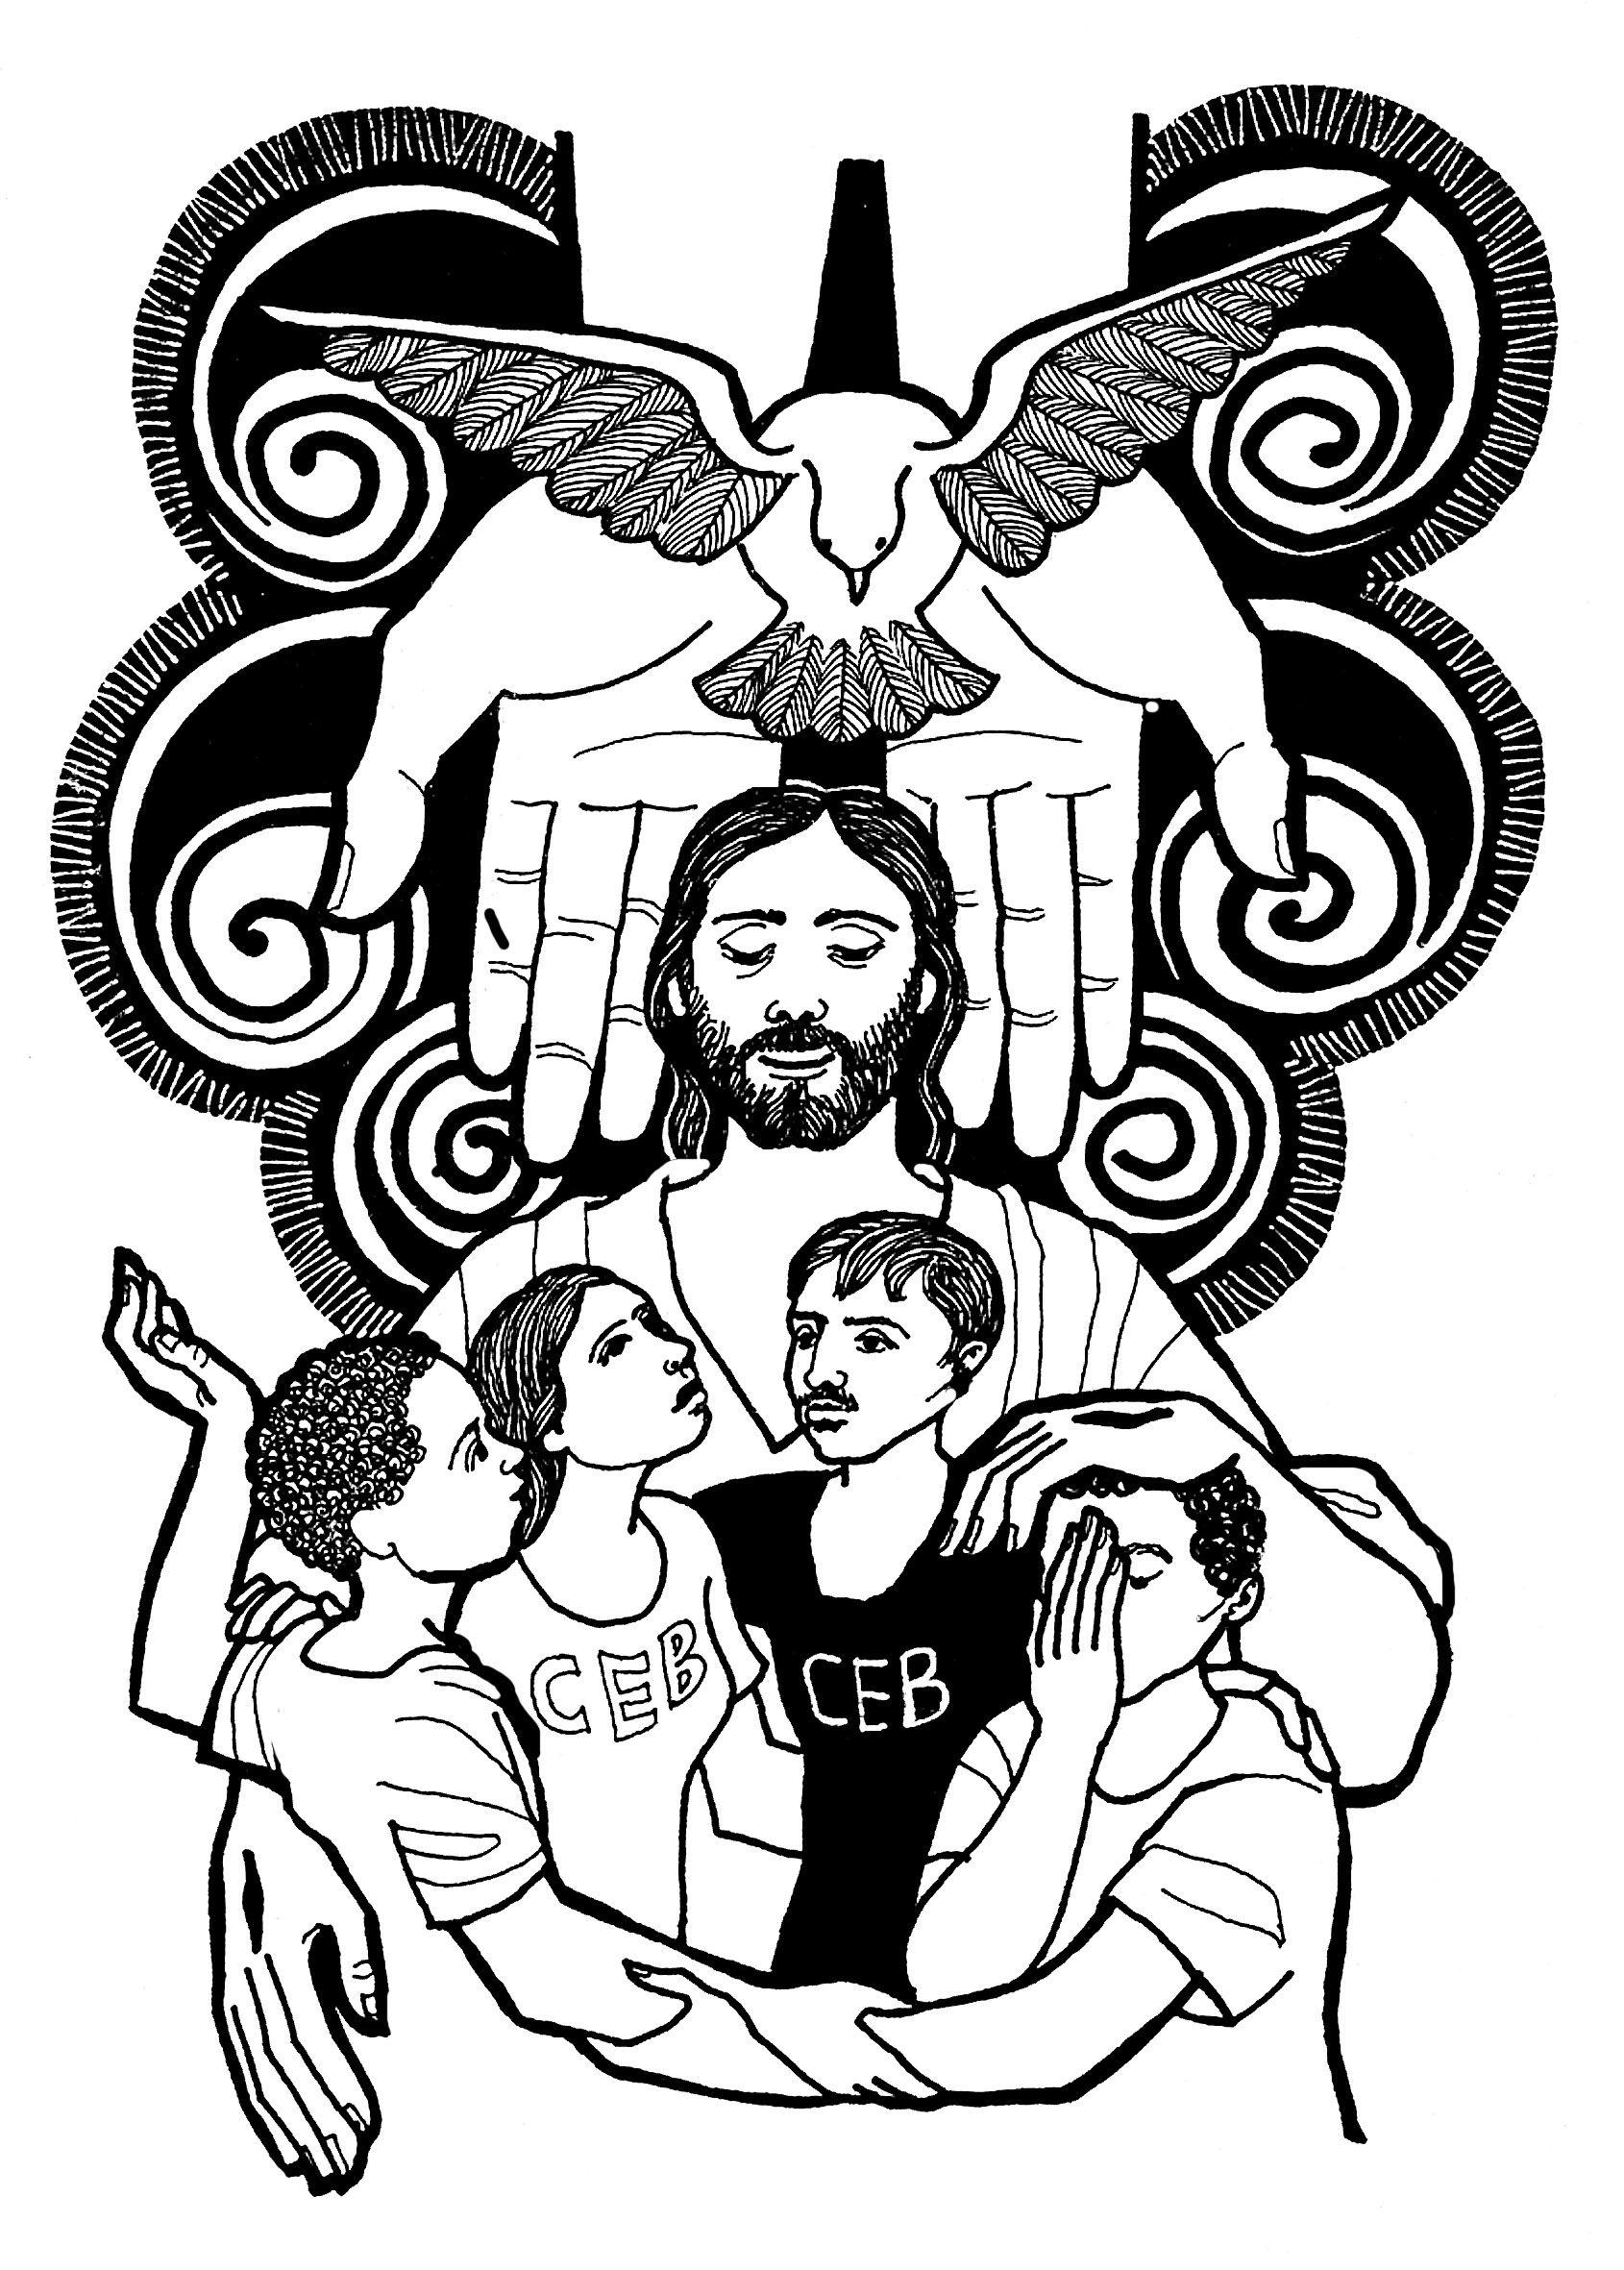 Evangelio Segun San Juan 3 16 18 Del Domingo 11 De Junio De 2017 Paginas Para Colorear Santisima Trinidad Trinidad